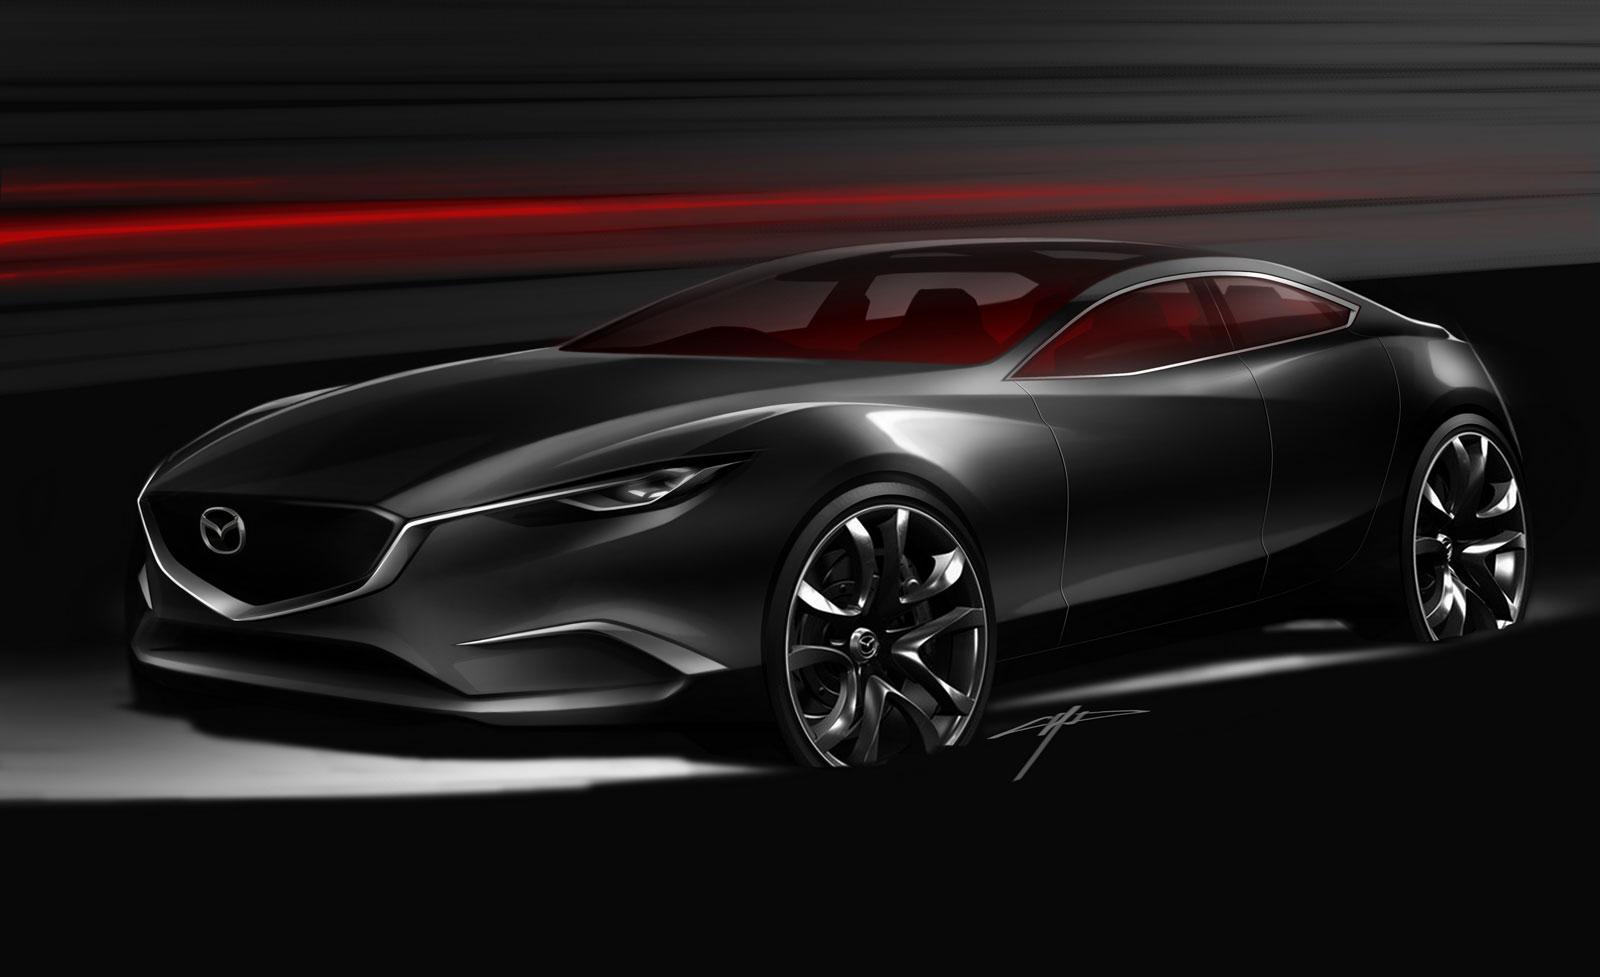 Mazda Takeri Concept Design Sketch - Car Body Design